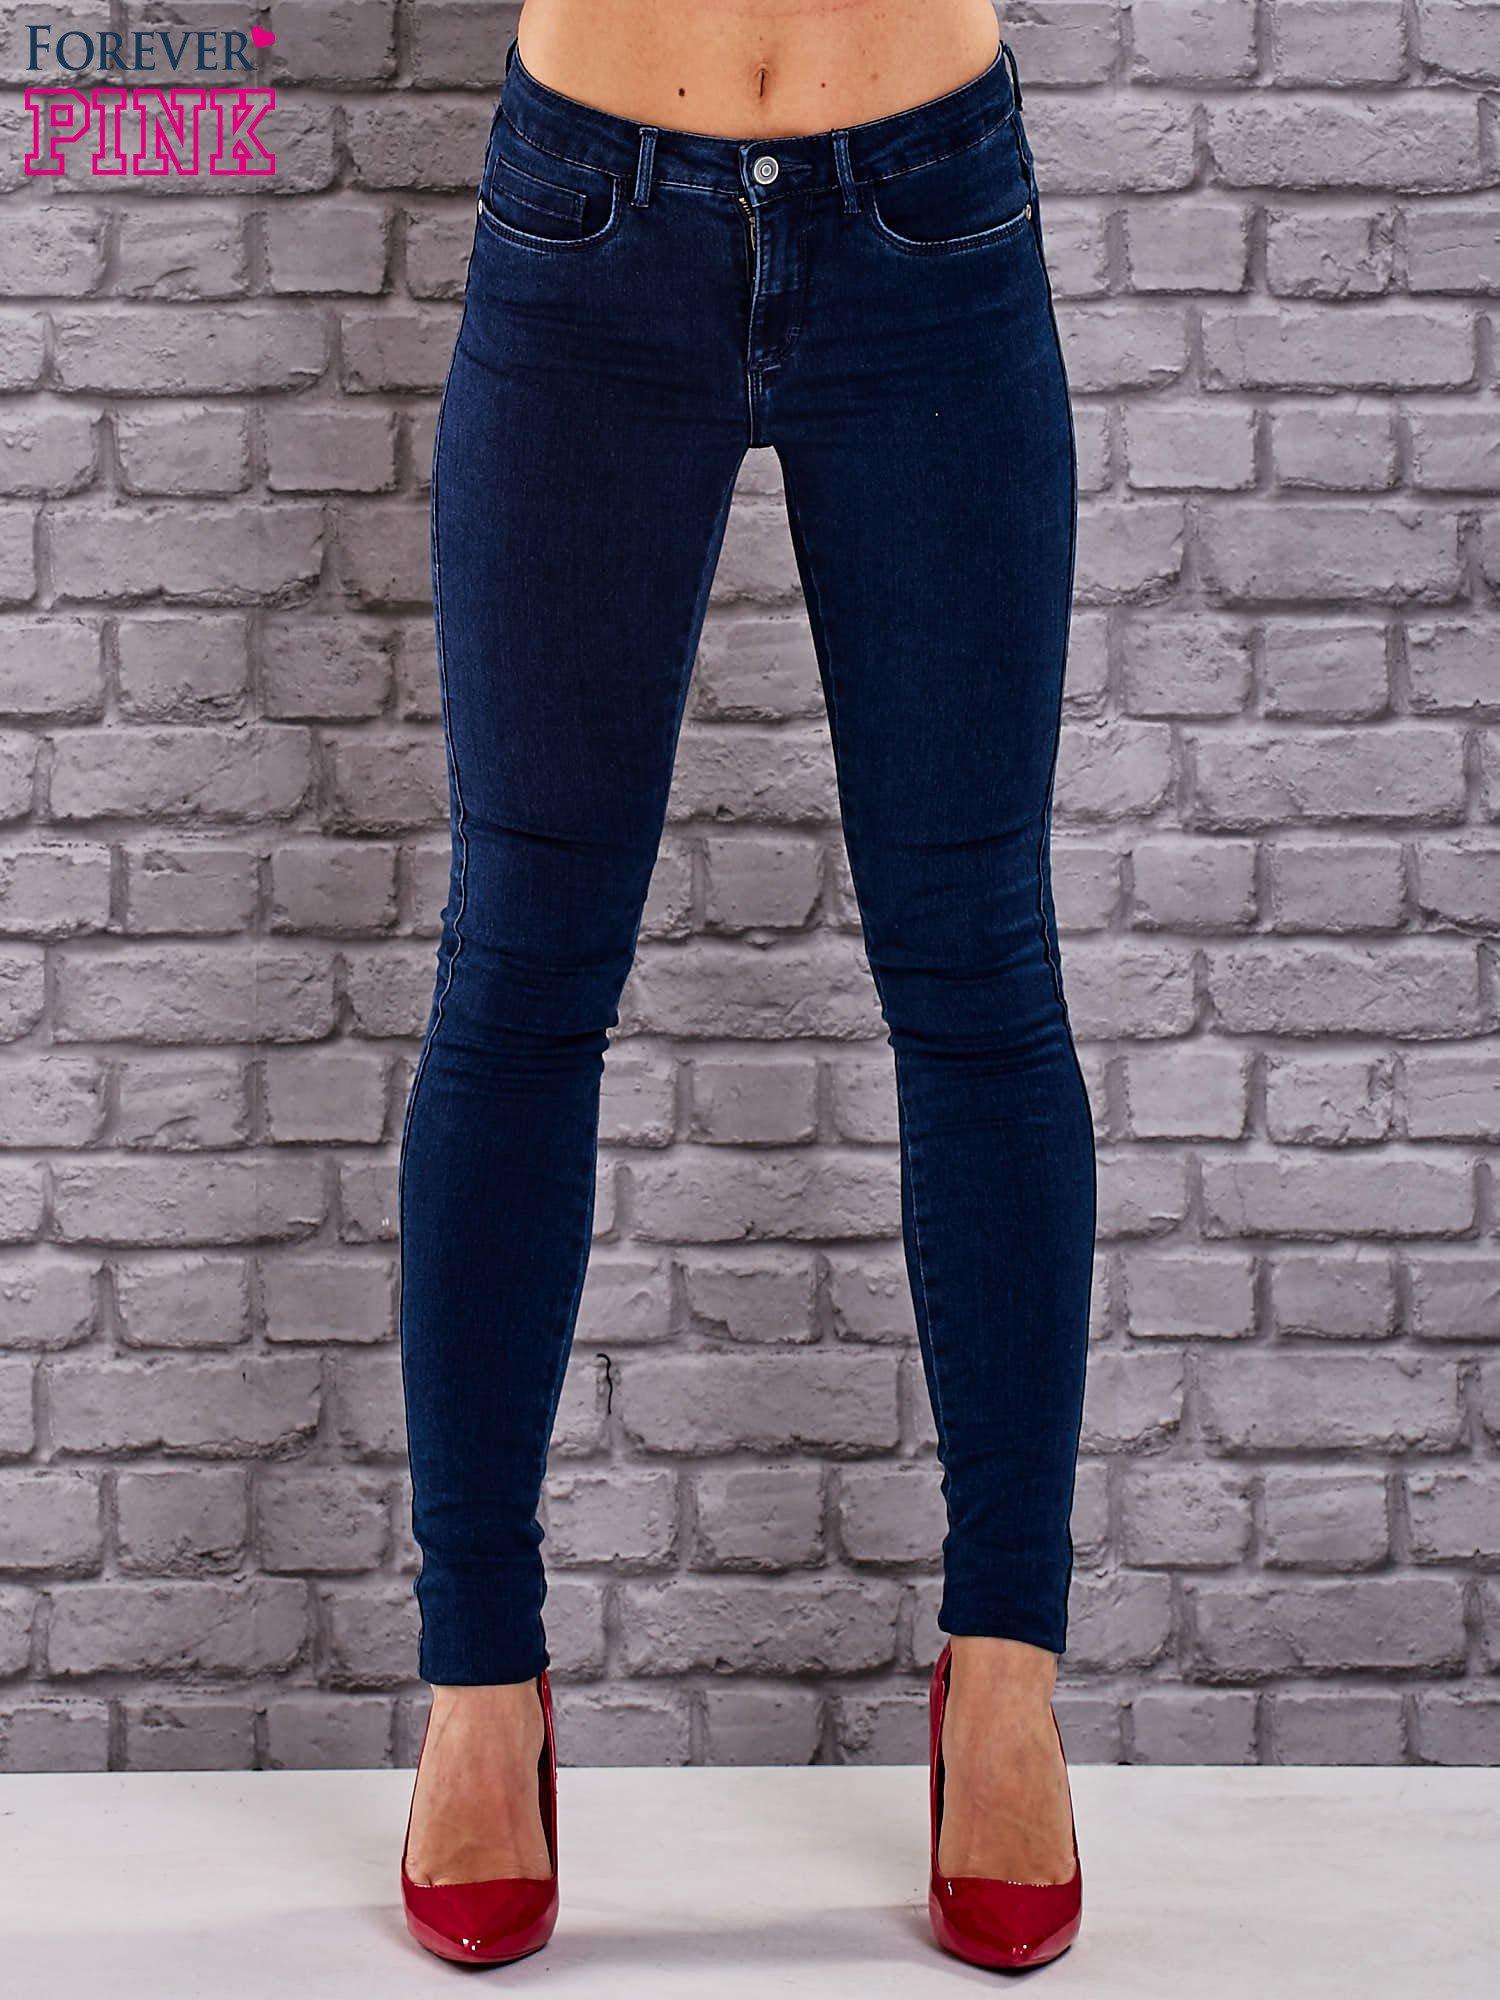 Niebieskie jeansowe spodnie skinny jeans z kieszeniami                                  zdj.                                  1